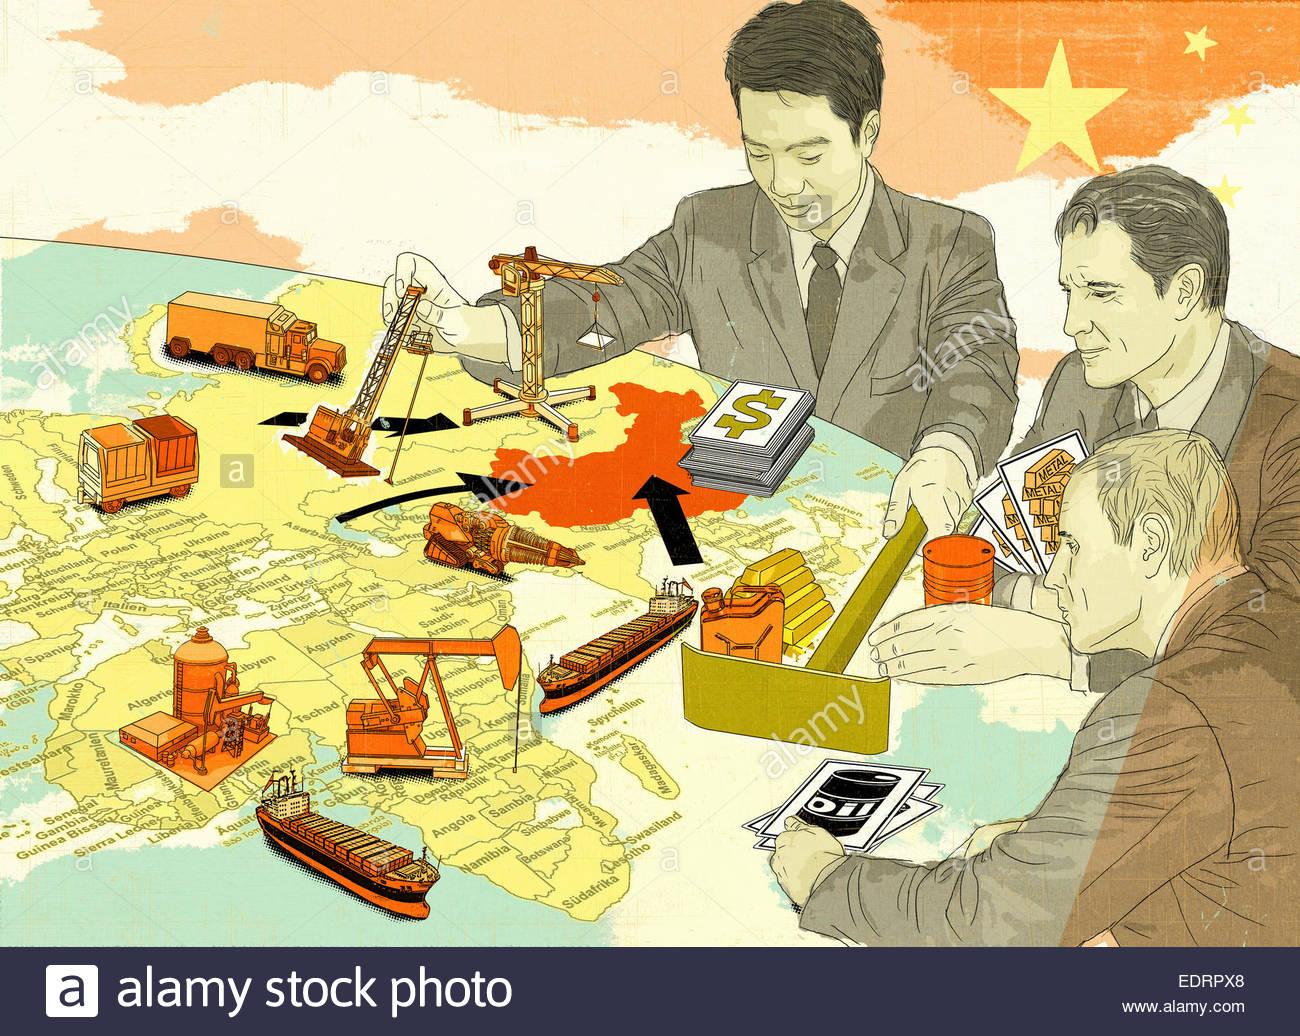 La Chine dominer les ressources naturelles mondiales jeu Photo Stock